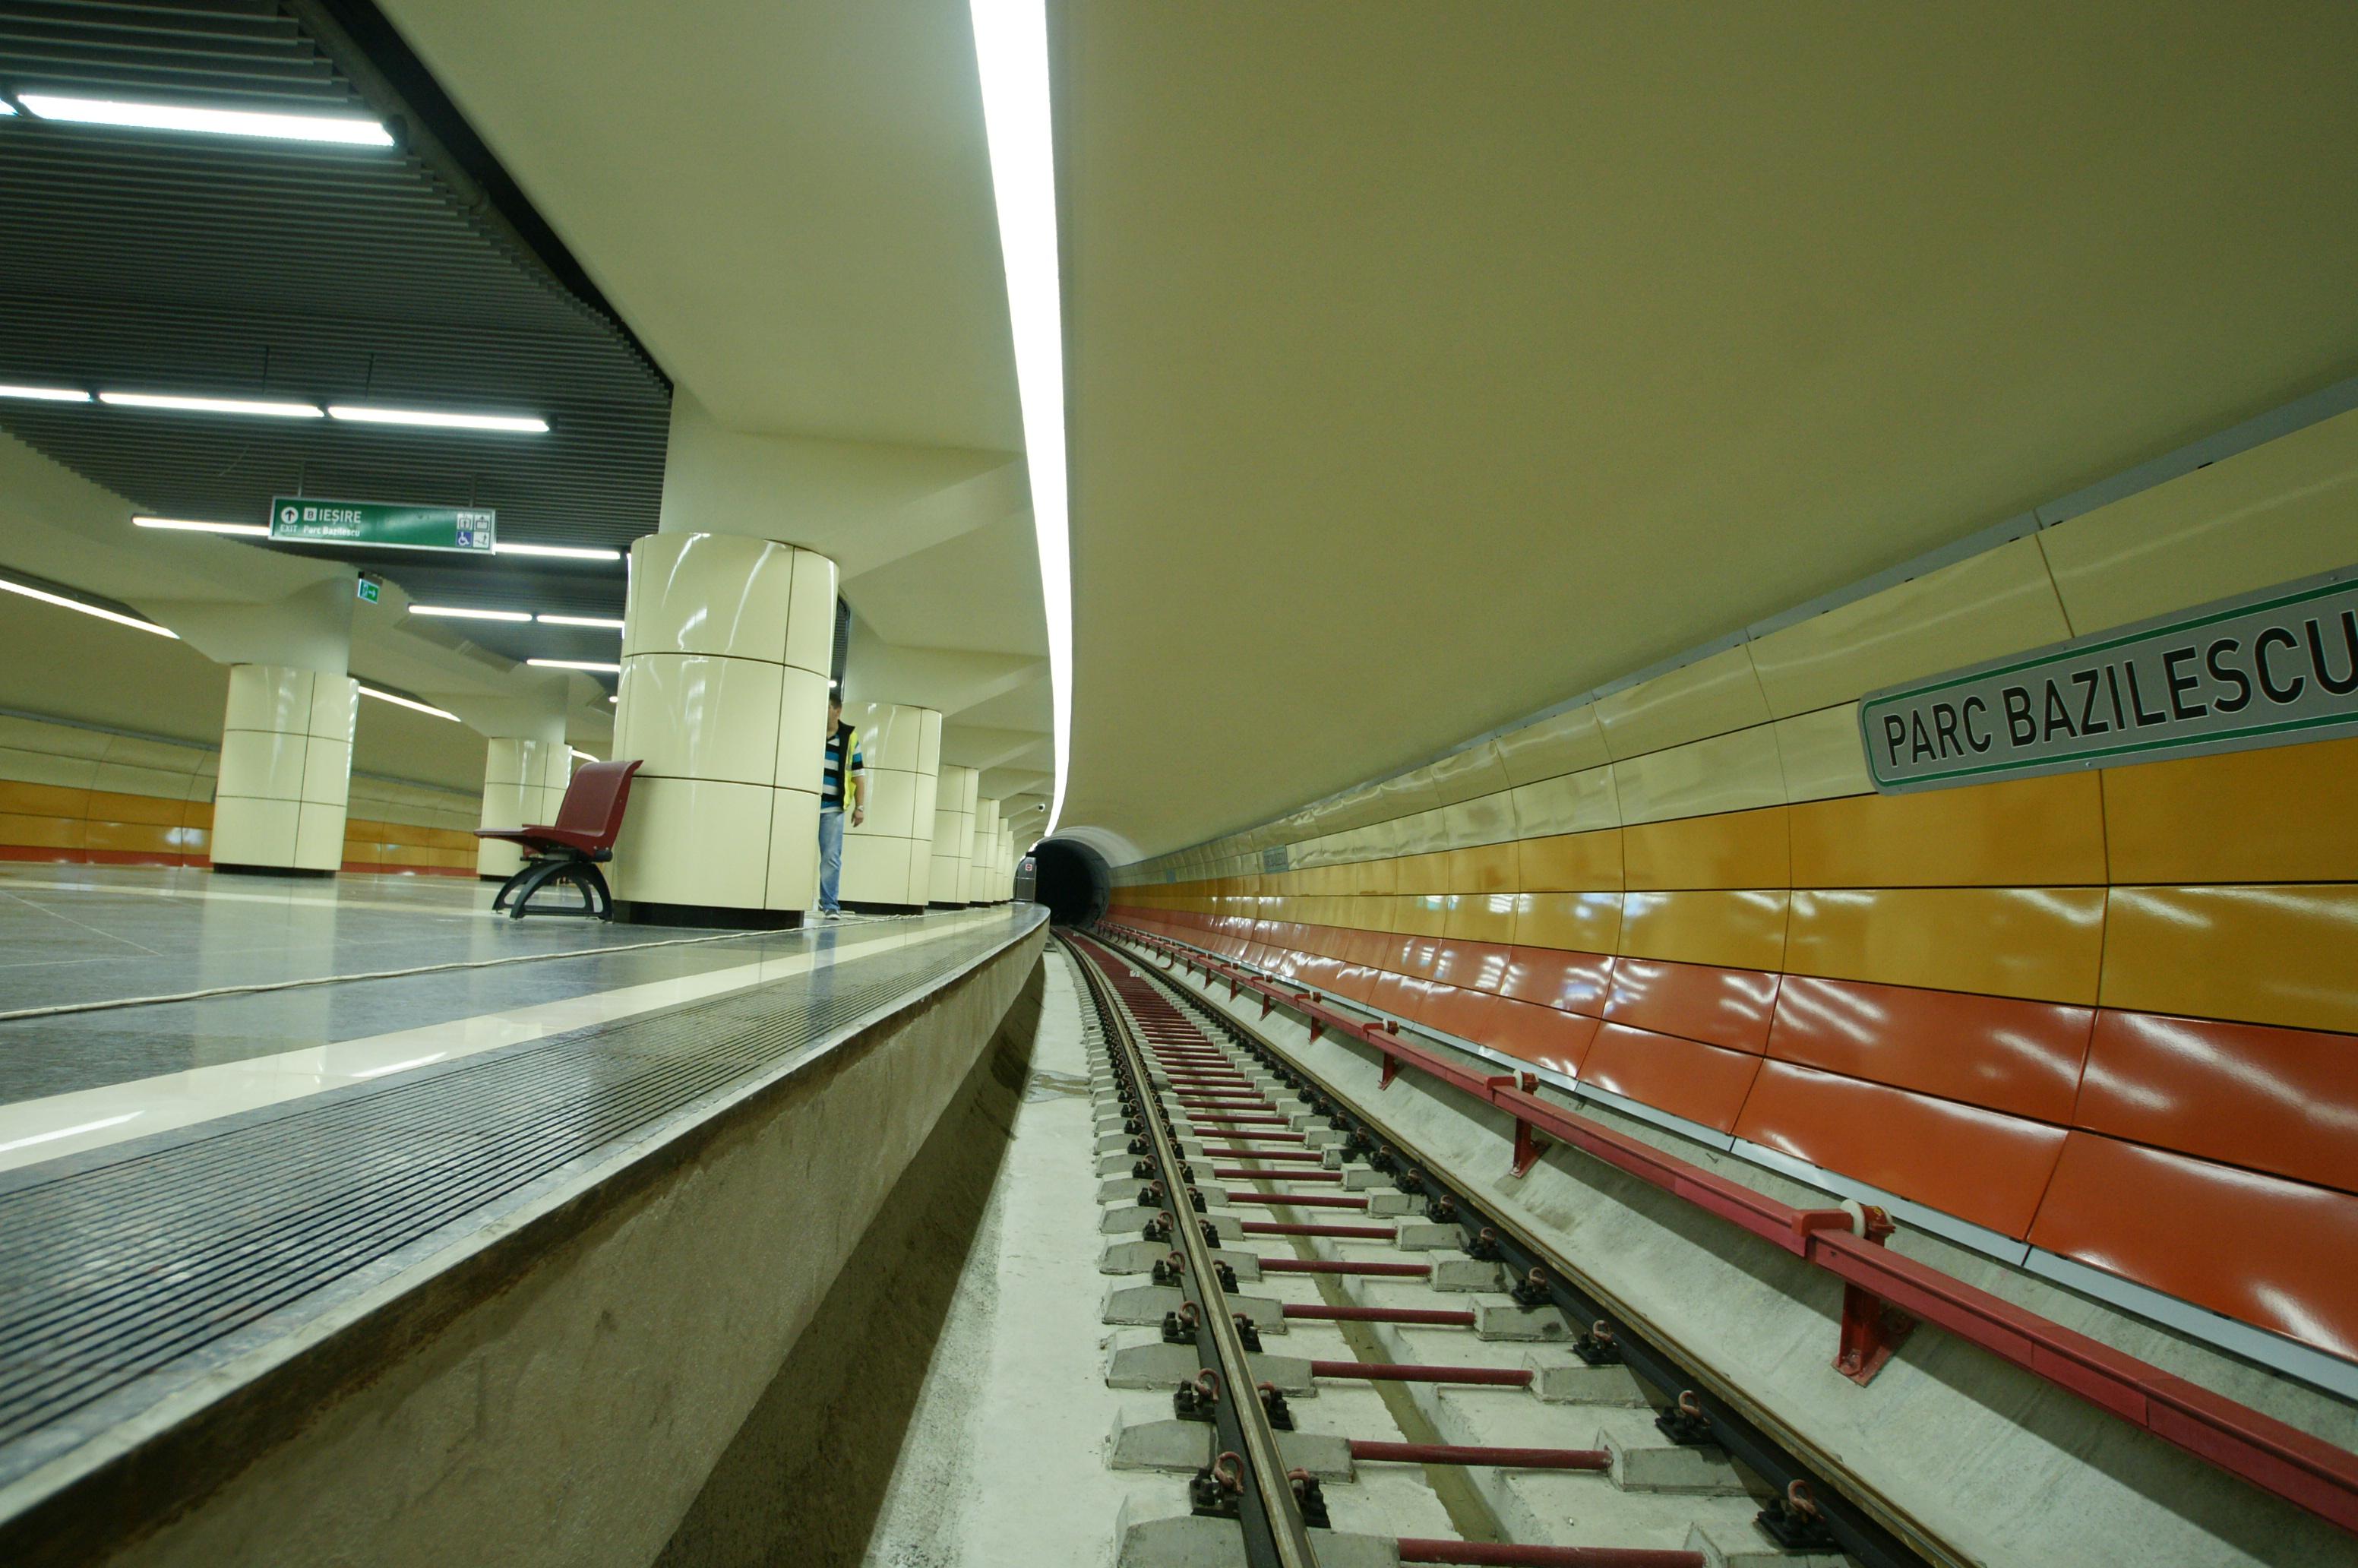 Panouri din tabla de otel folosite la statia de metrou Bazilescu OMERAS - Poza 6